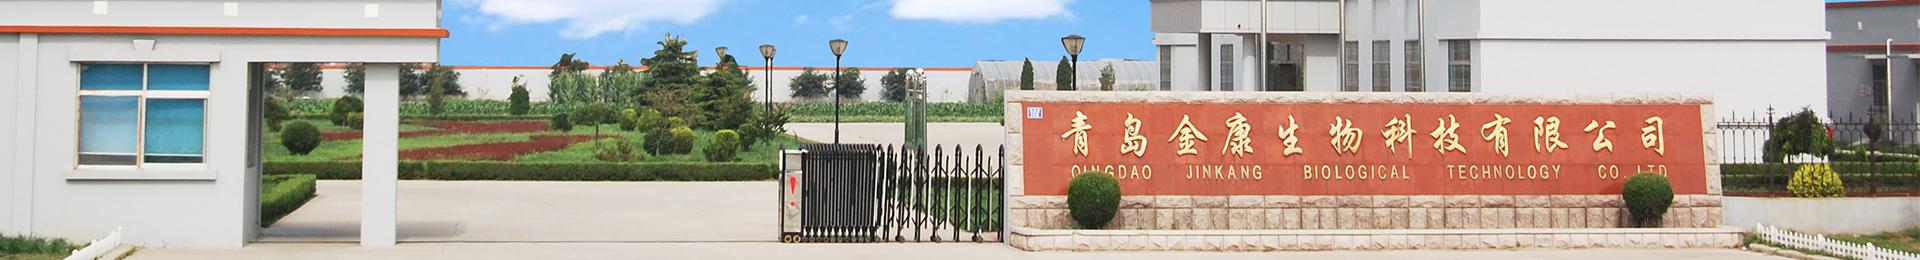 金康研究所